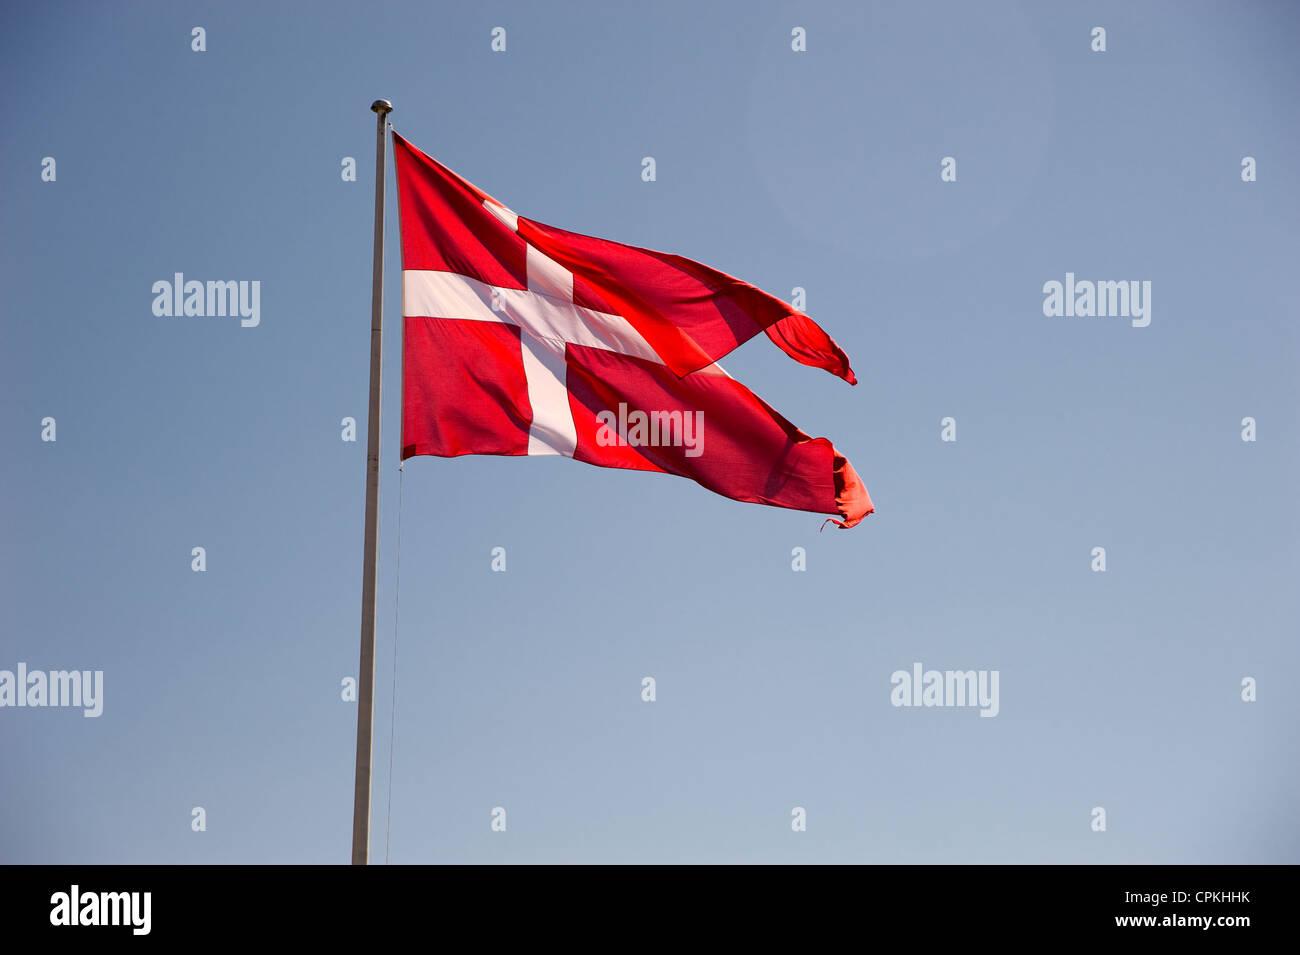 Waving flag of Denmark - Stock Image